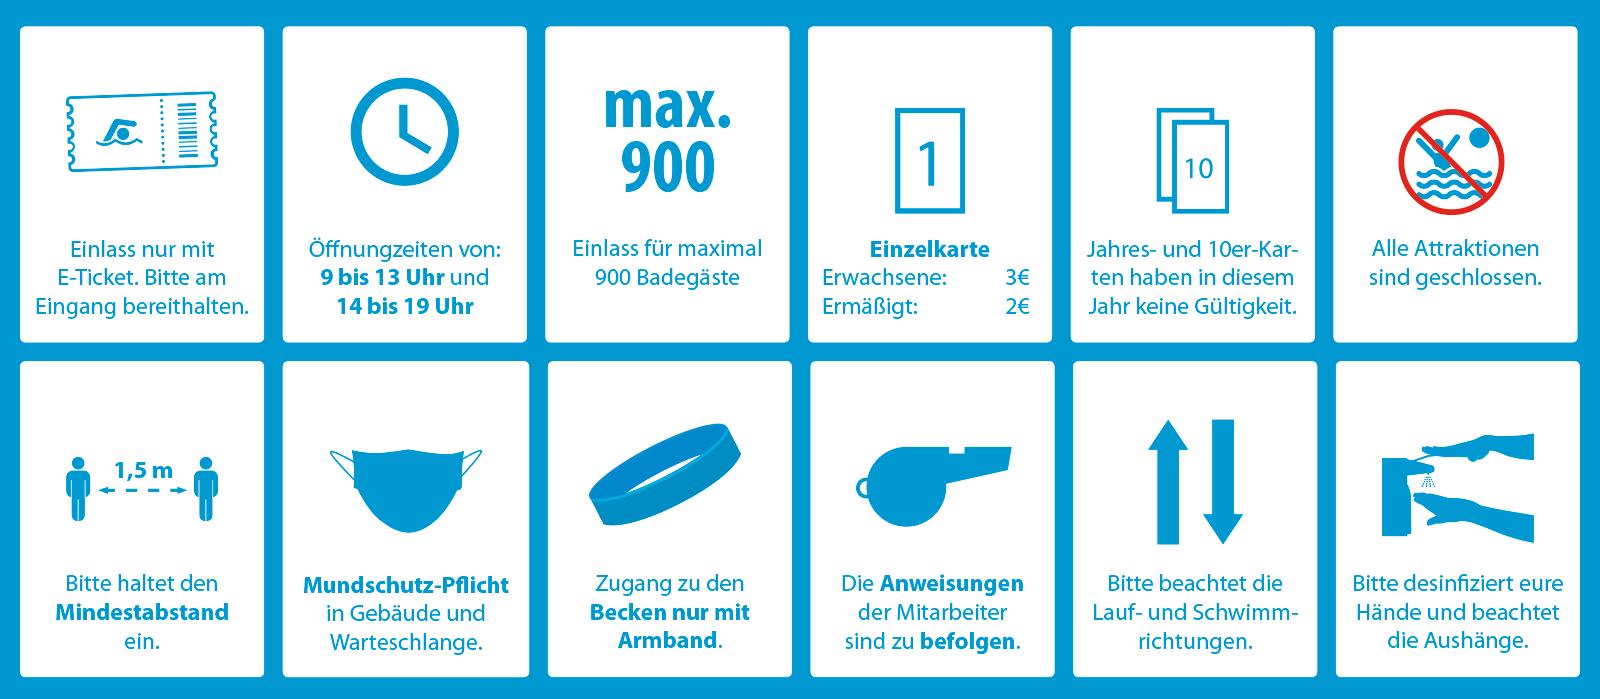 Alle Freibadregeln in Grafiken dargestellt